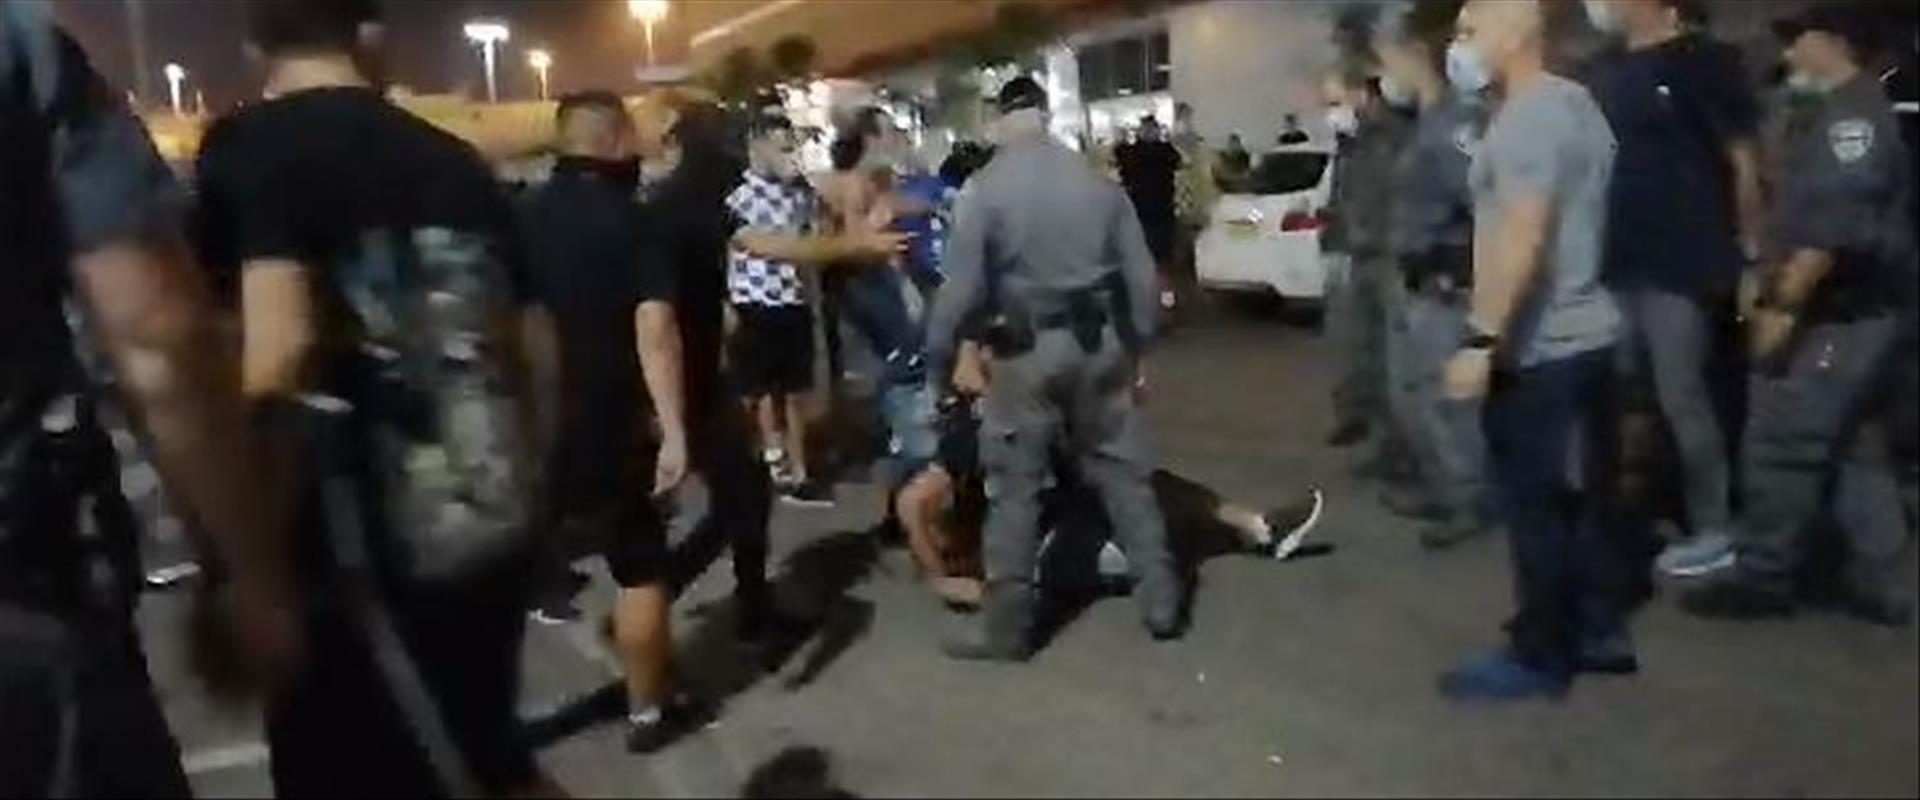 עימותים בין השוטרים לאוהדים